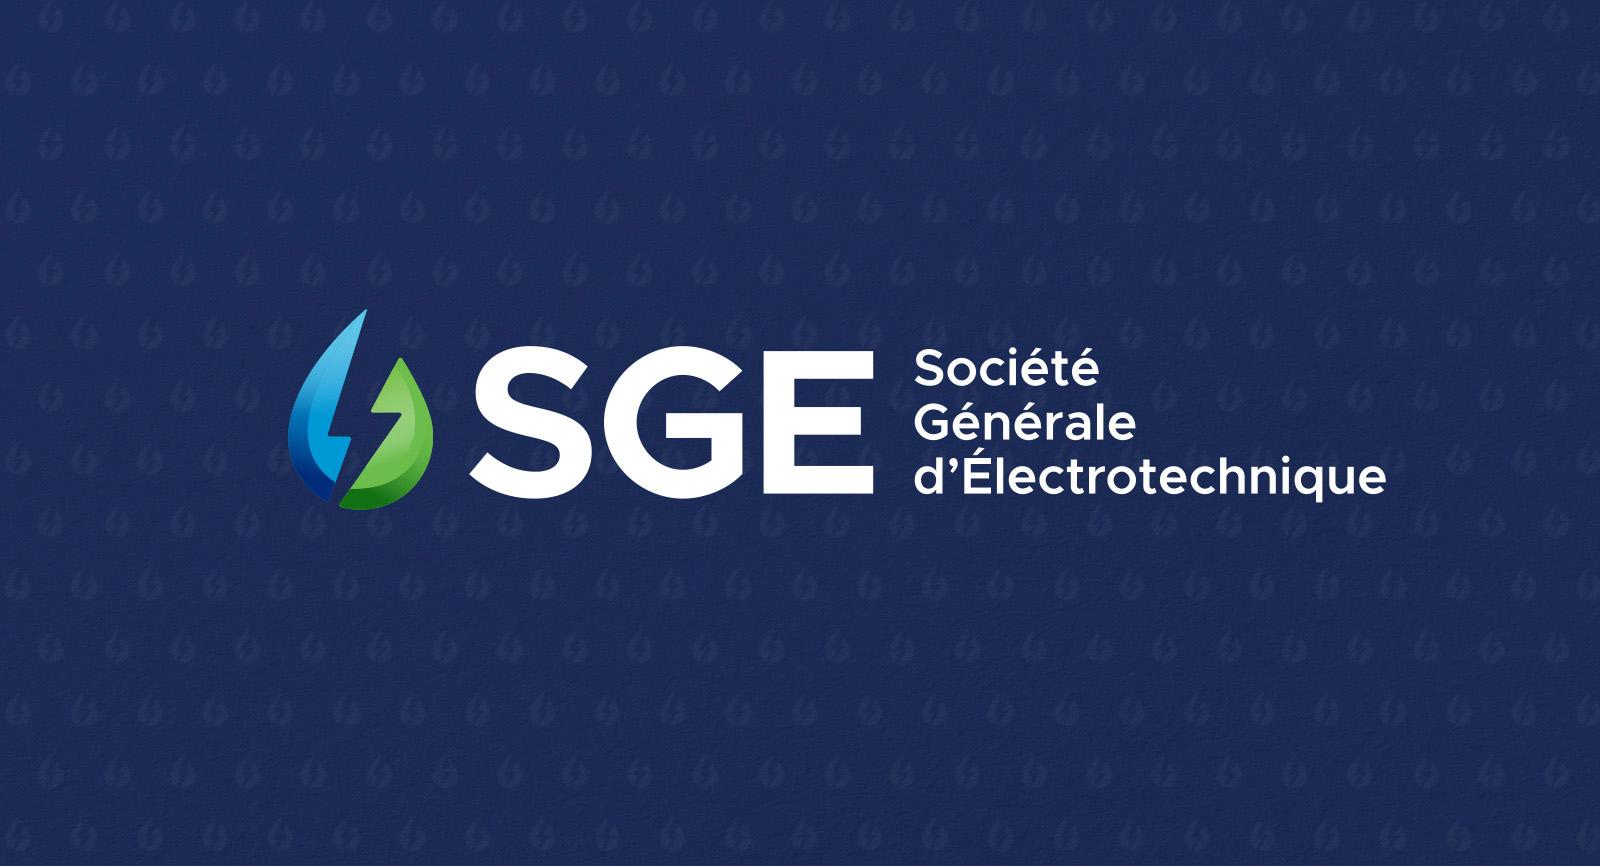 SGE Societe Generale Electrotechnique